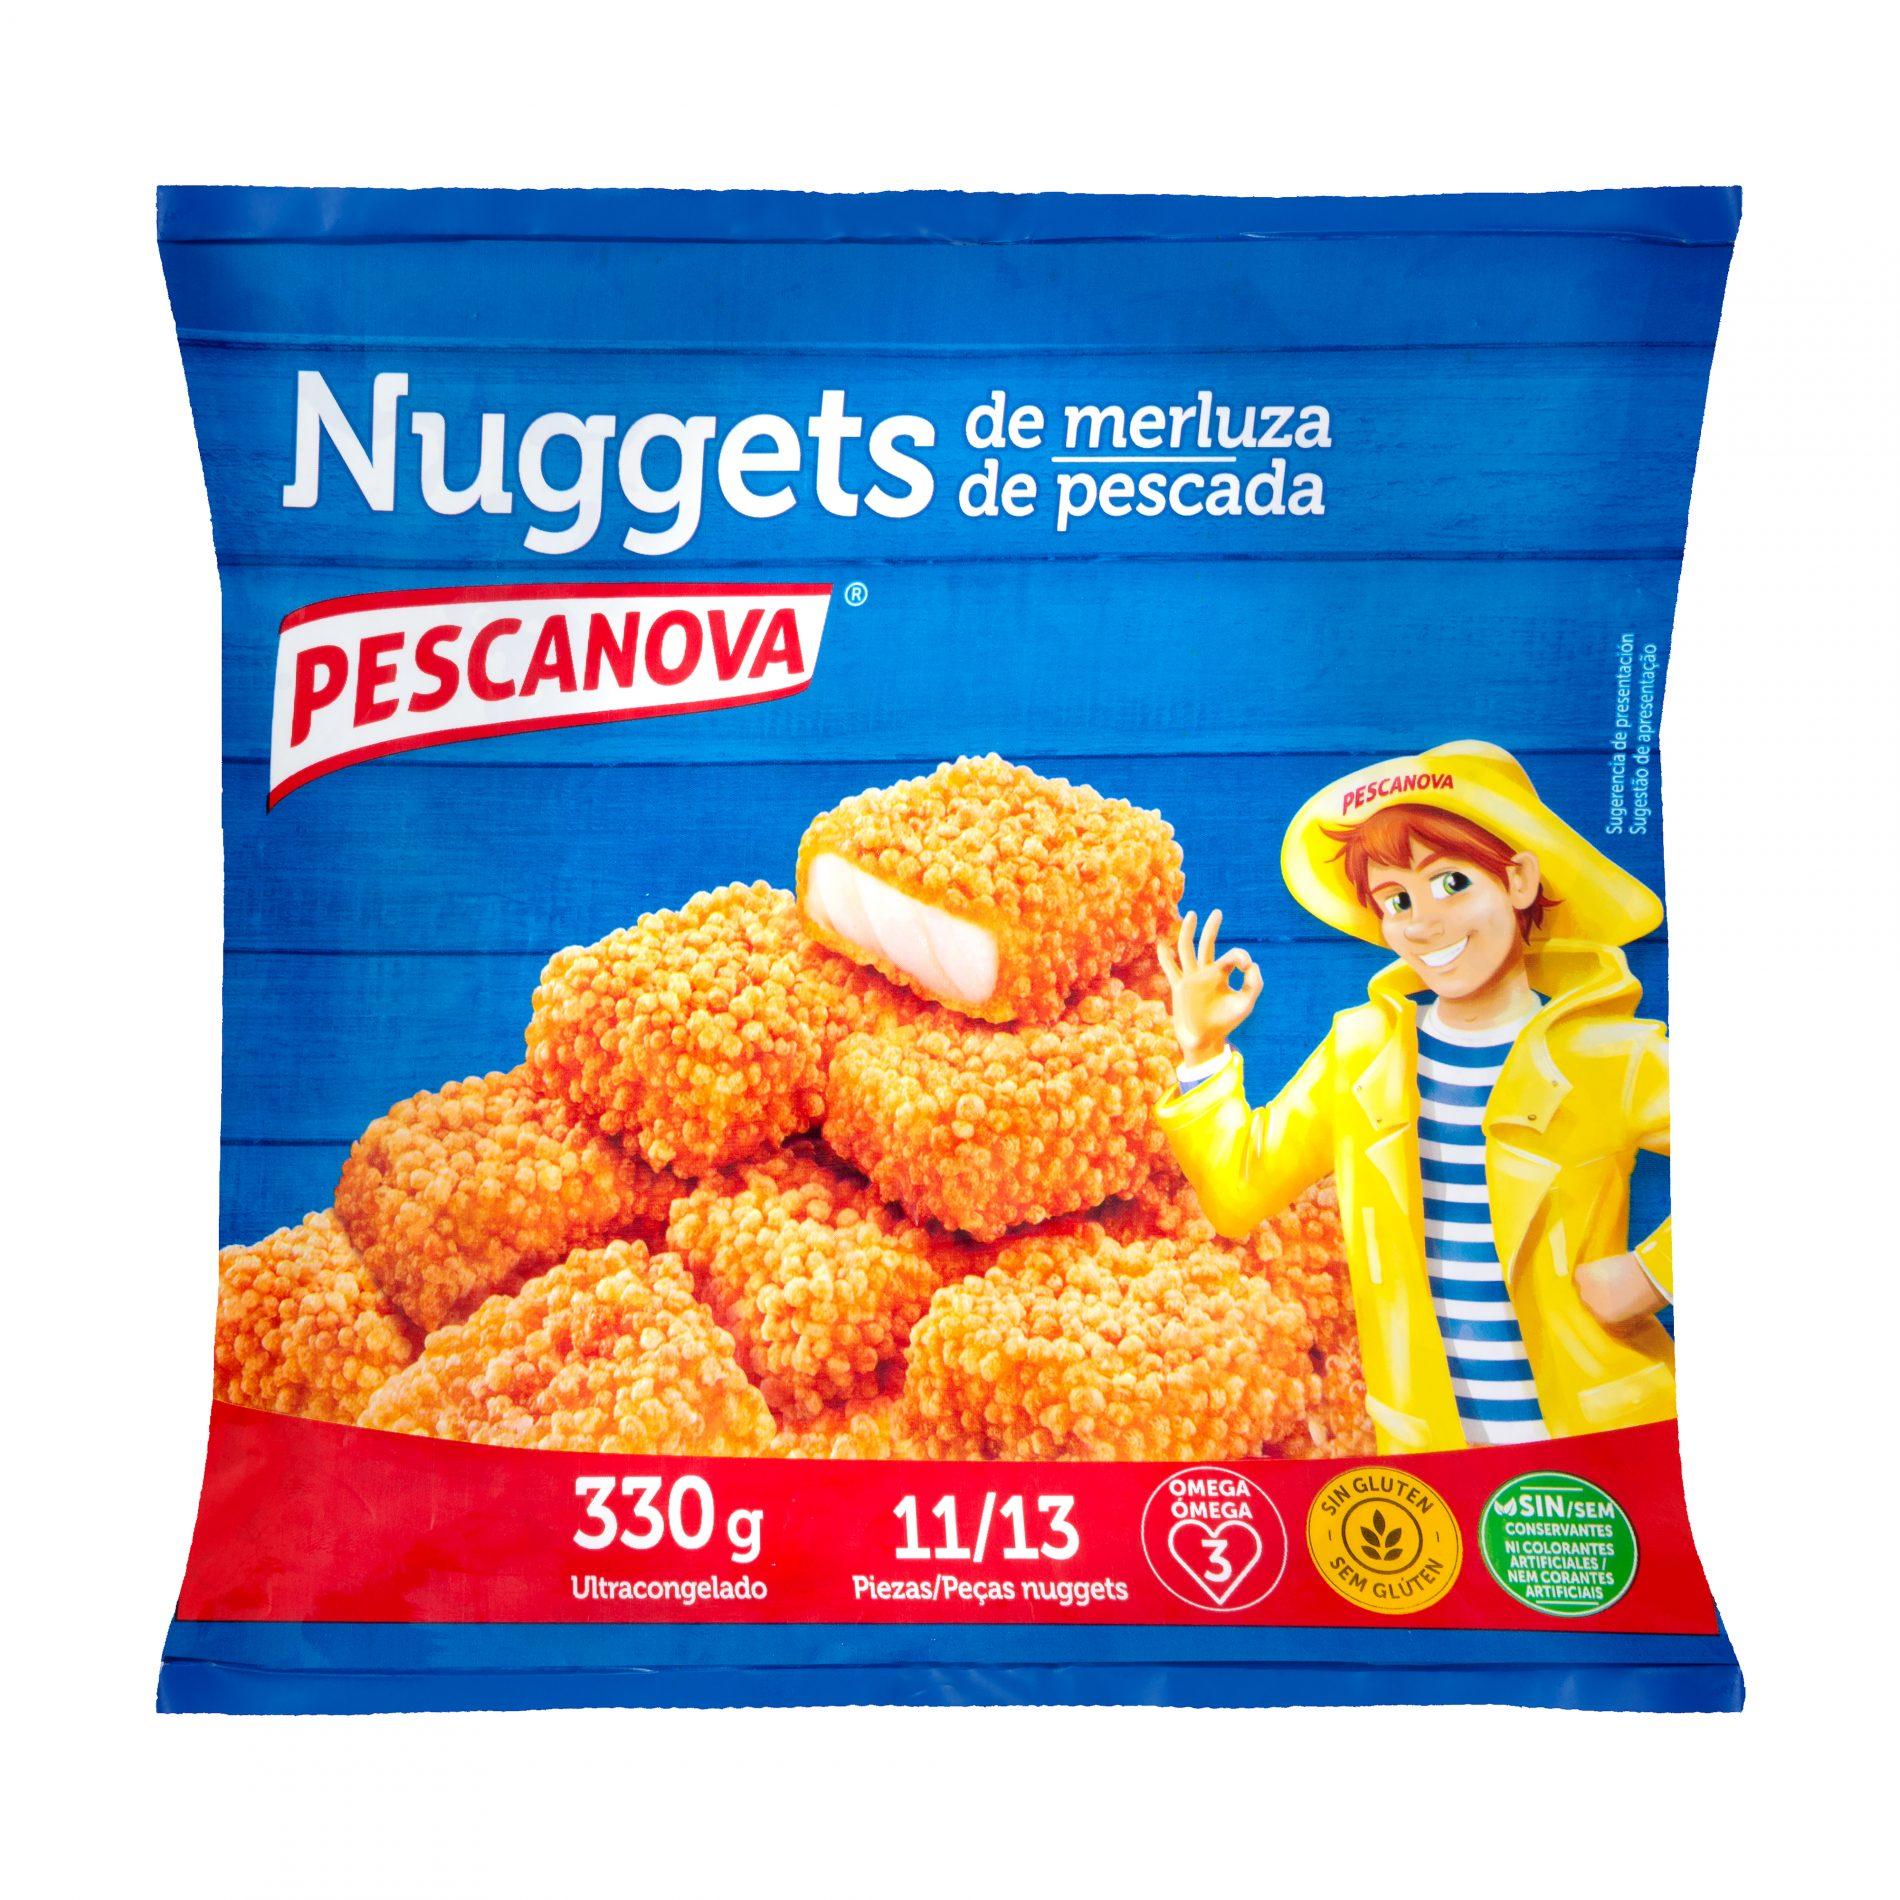 Fotografía Producto. Nuggets Pescanova.